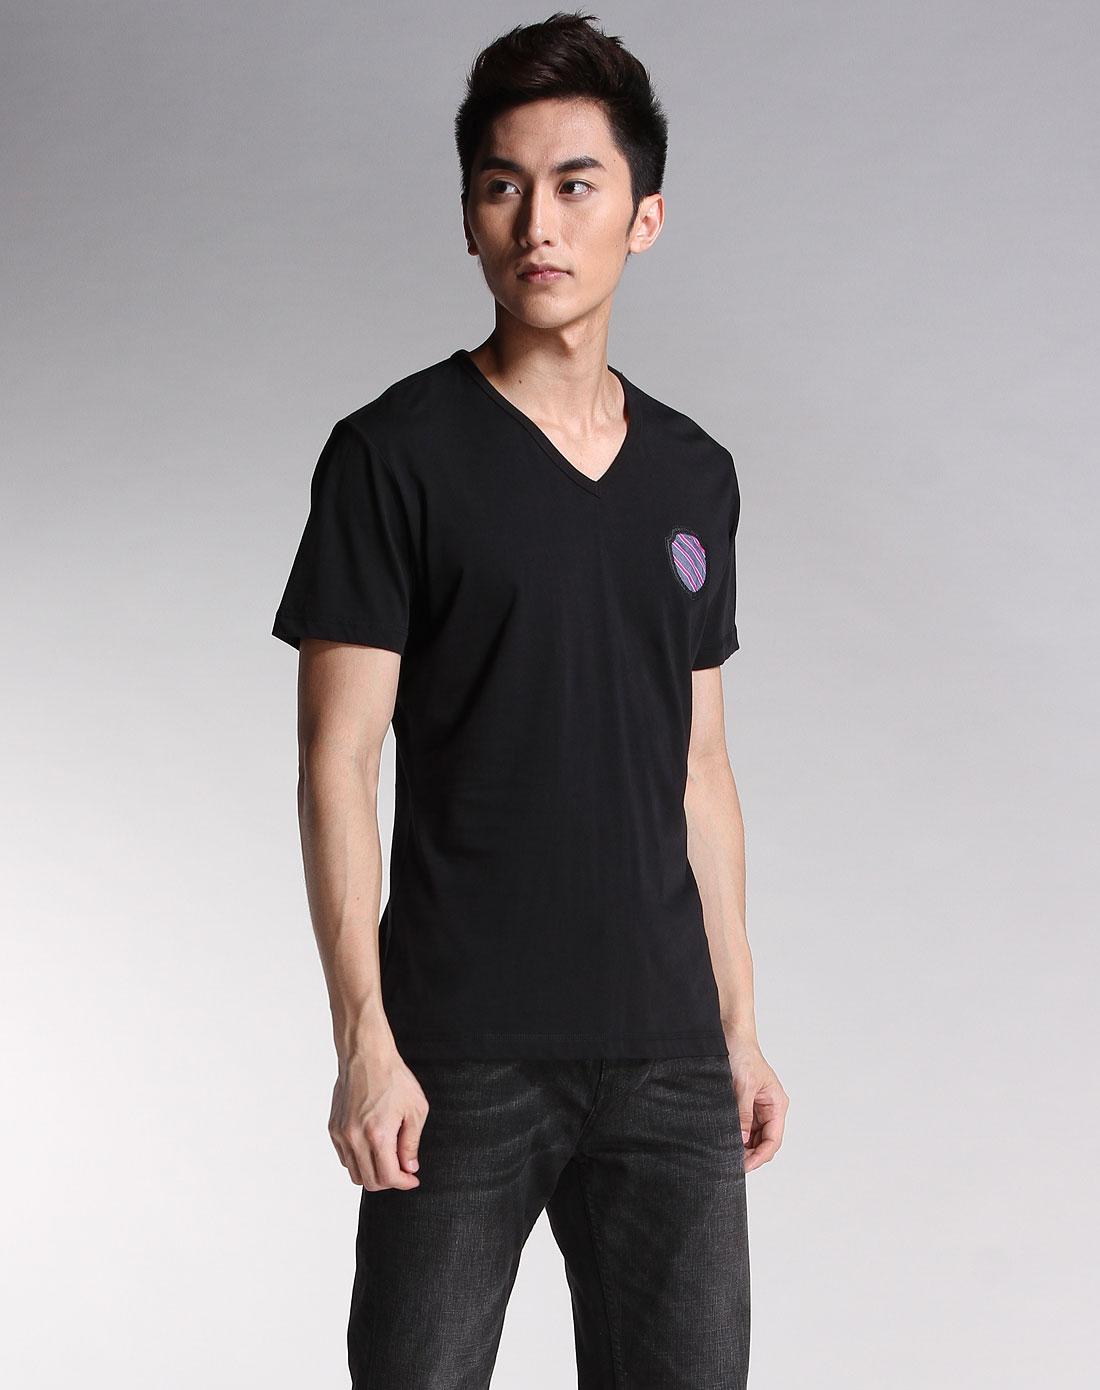 卡宾cabbeen-男装-黑色v领休闲短袖t恤